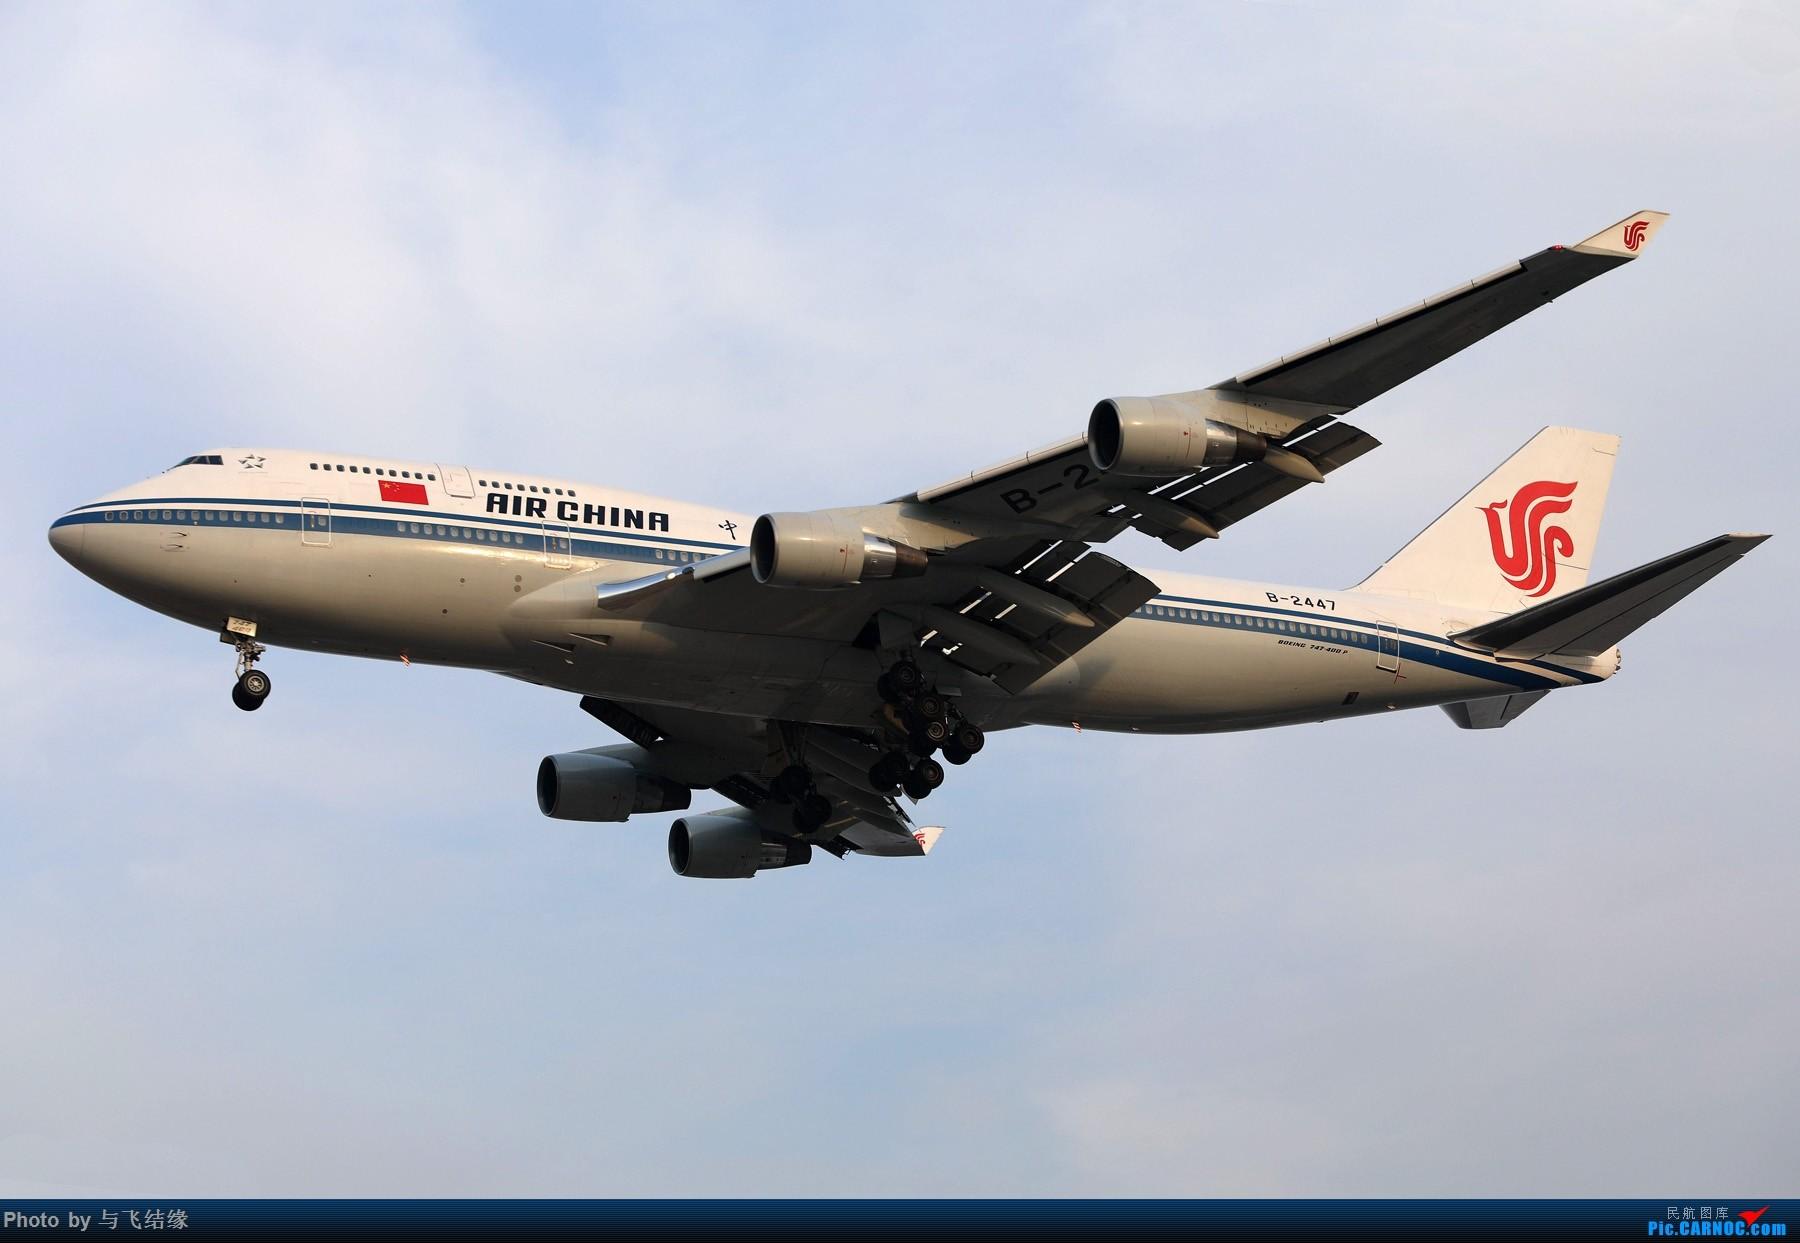 [原创]中国国际航空Boeing 747-400,B-2447. BOEING 747-400 B-2447 中国北京首都国际机场